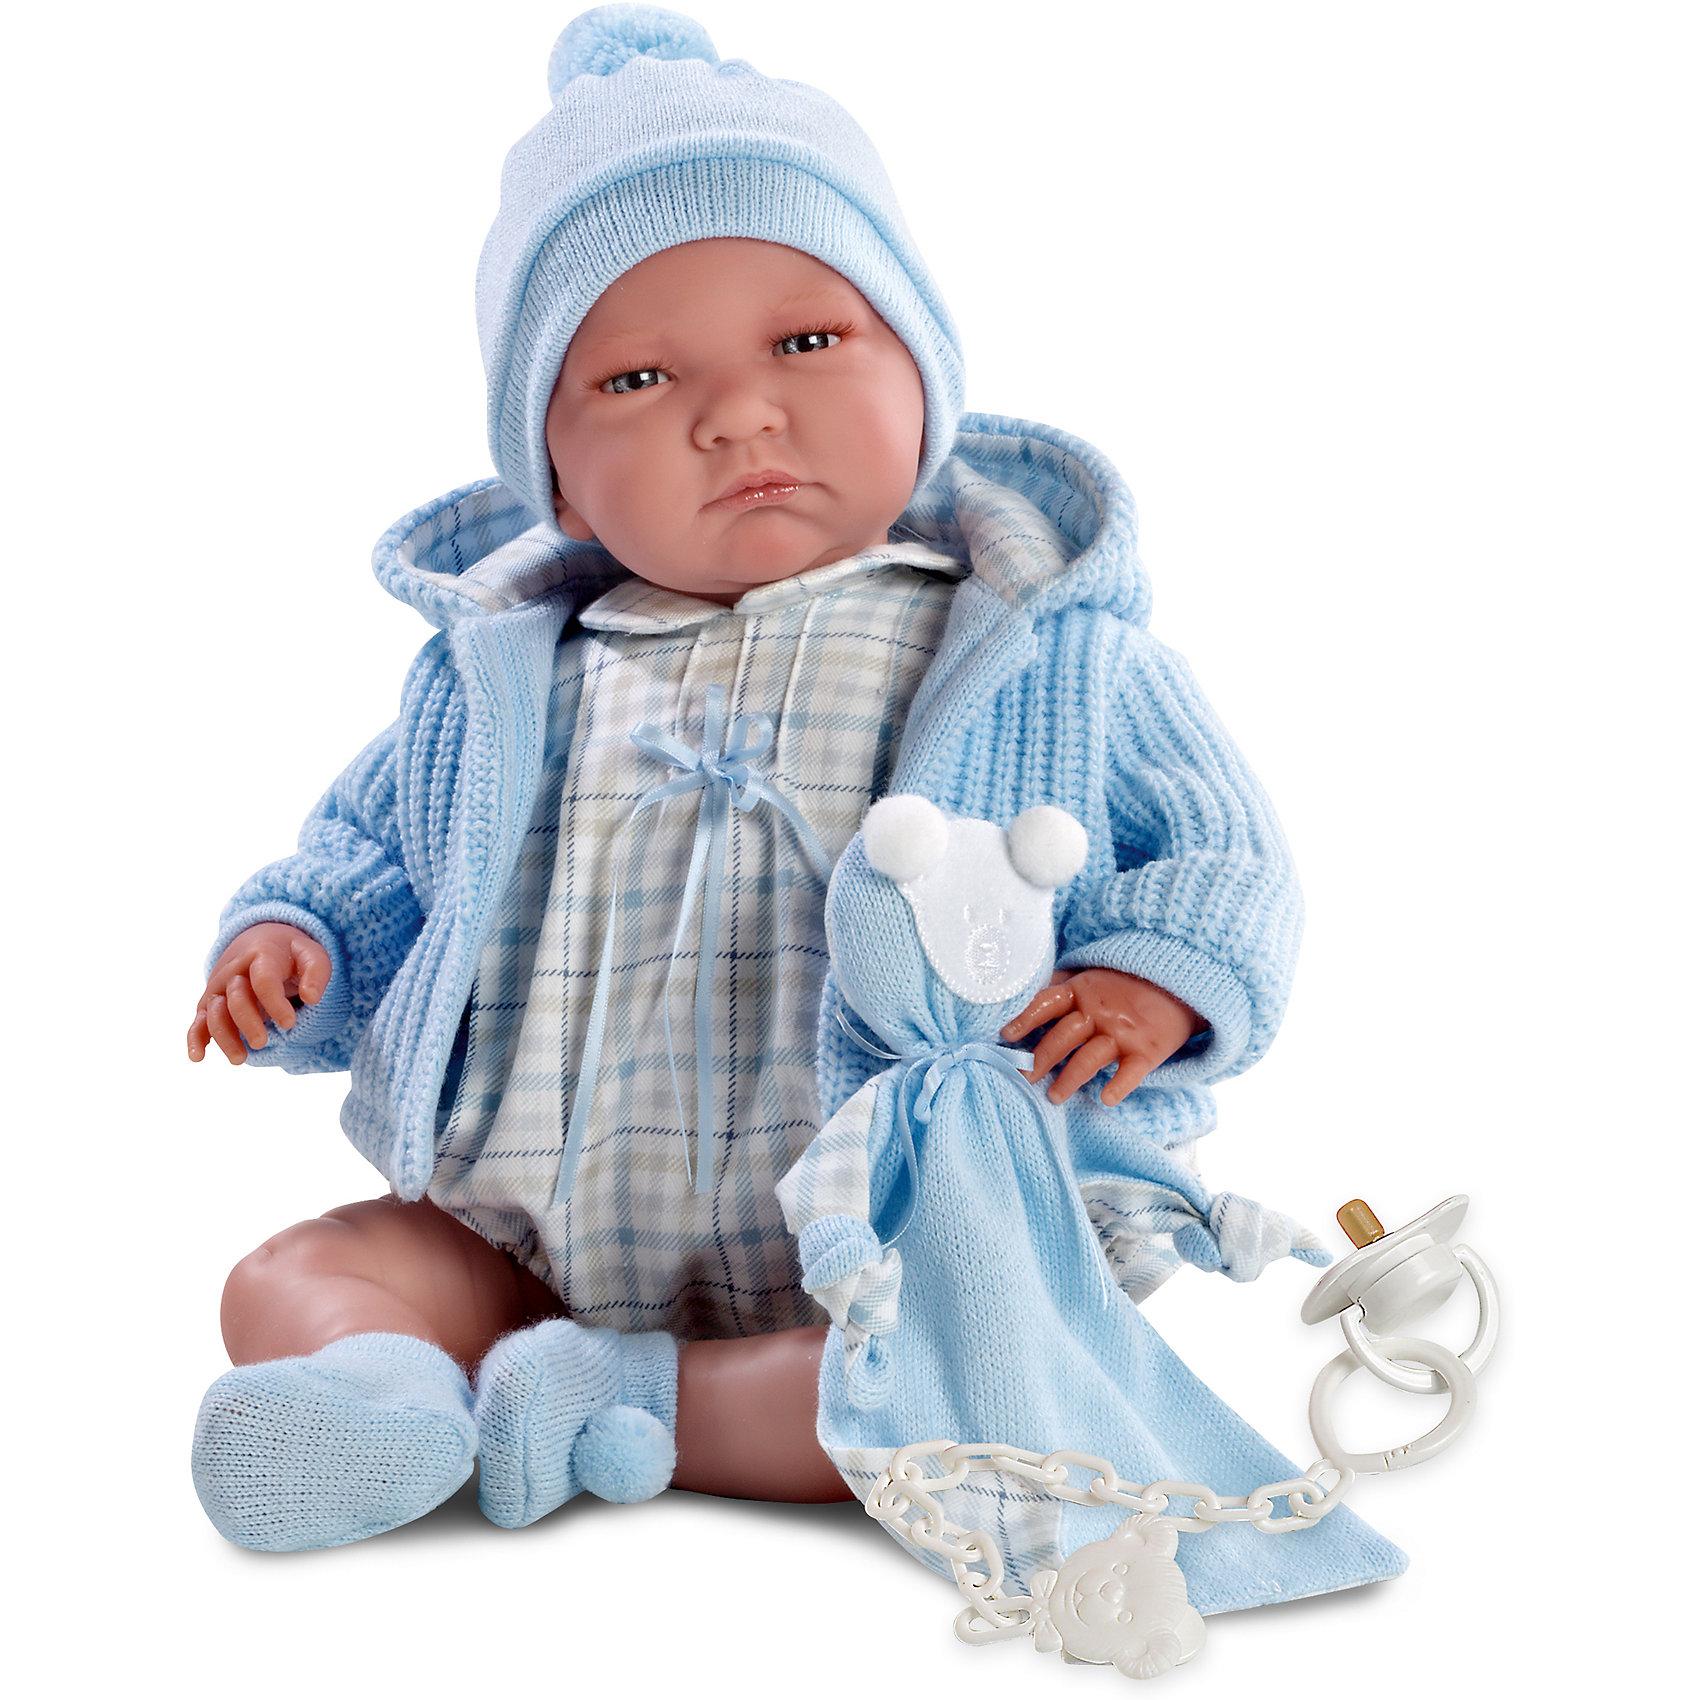 Кукла Лала, 40 см, LlorensКлассические куклы<br>Характеристики:<br><br>• Предназначение: для сюжетно-ролевых игр<br>• Тип куклы: мягконабивная<br>• Пол куклы: мальчик <br>• Волосы: прорисованные<br>• Материал: поливинилхлорид, пластик, текстиль<br>• Цвет: голубой, молочный, бежевый<br>• Высота куклы: 40 см<br>• Комплектация: кукла, кофточка с капюшоном, комбинезон, шапочка, носочки, соска с держателем<br>• Вес: 1 кг 330 г<br>• Размеры упаковки (Д*В*Ш): 23*46*13 см<br>• Упаковка: подарочная картонная коробка <br>• Особенности ухода: допускается деликатная стирка без использования красящих и отбеливающих средств предметов одежды куклы<br><br>Кукла Лало 40 см без звука – пупс, производителем которого является всемирно известный испанский кукольный бренд Llorens. Куклы этой торговой марки имеют свою неповторимую внешность и целую линейку образов как пупсов, так и кукол-малышей. Игрушки выполнены из сочетания поливинилхлорида и пластика, что позволяет с высокой долей достоверности воссоздать физиологические и мимические особенности маленьких детей. При изготовлении кукол Llorens используются только сертифицированные материалы, безопасные и не вызывающие аллергических реакций. Волосы у кукол-пупсов прорисованные; ручки и ножки двигаются.<br>Кукла Лало 40 смбез звука выполнена в образе малыша: голубые глазки и пухлые щечки создают невероятно очаровательный и милый образ. В комплект одежды входит легкий комбинезончик в клеточку, вязаная кофточка с капюшоном, шапочка и носочки. В наборе имеется текстильный аксессуар с аппликацией в виде мишки. <br>Кукла Лало 40 см без звука – это идеальный вариант для подарка к различным праздникам и торжествам.<br><br>Куклу Лало 40 см без звука можно купить в нашем интернет-магазине.<br><br>Ширина мм: 23<br>Глубина мм: 46<br>Высота мм: 13<br>Вес г: 1330<br>Возраст от месяцев: 36<br>Возраст до месяцев: 84<br>Пол: Женский<br>Возраст: Детский<br>SKU: 5086933